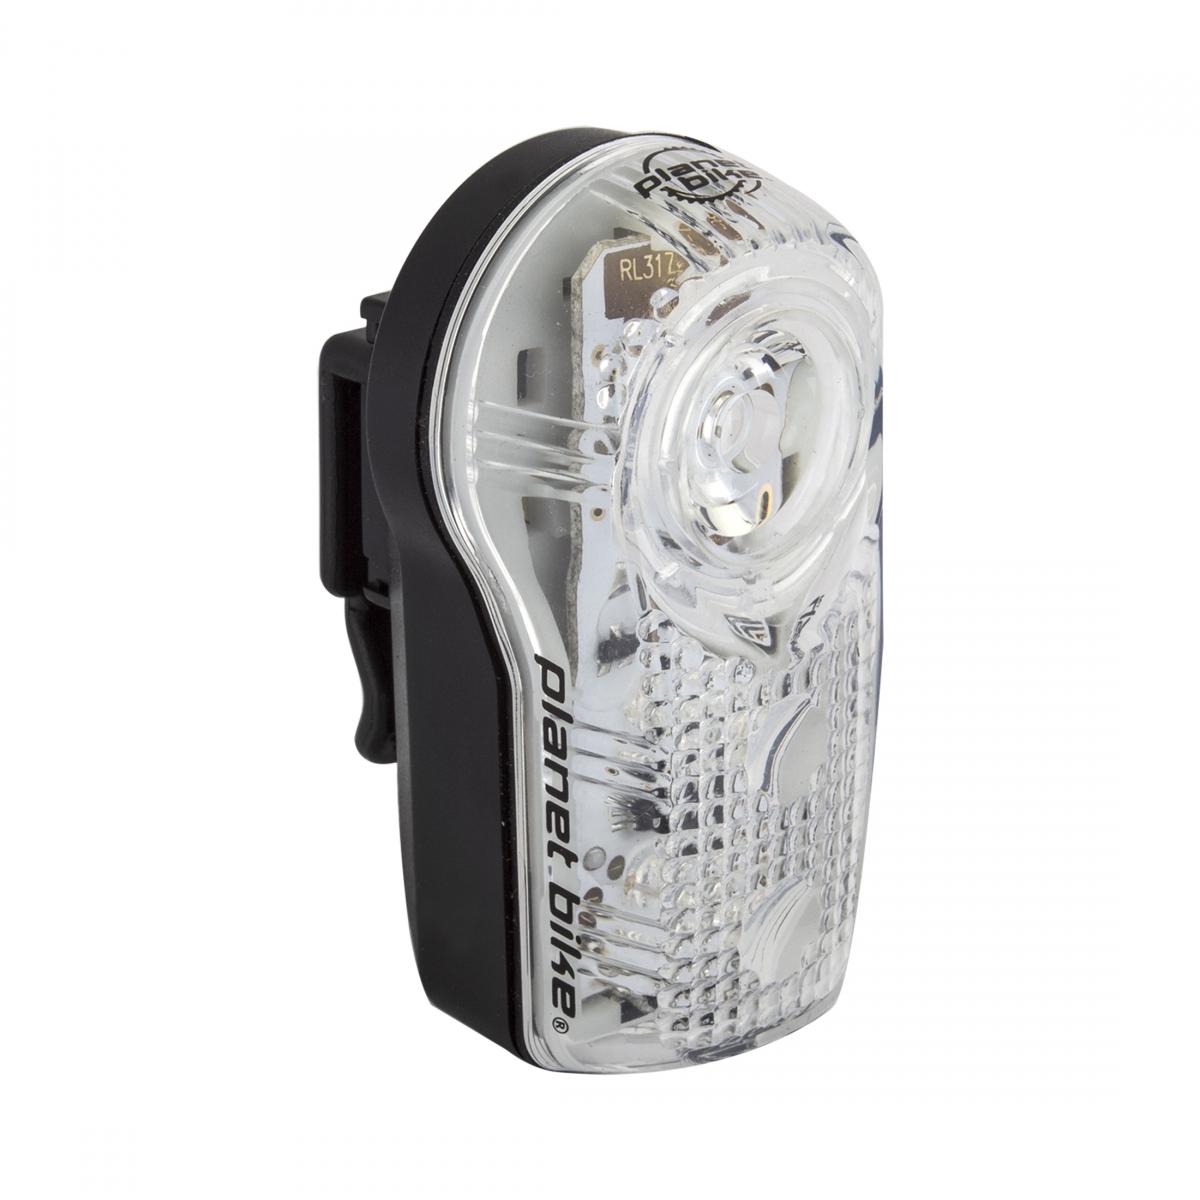 Planet Bike Blaze 180 SL USB Rechargeable Headlight-Bike-Bicycle Headlight